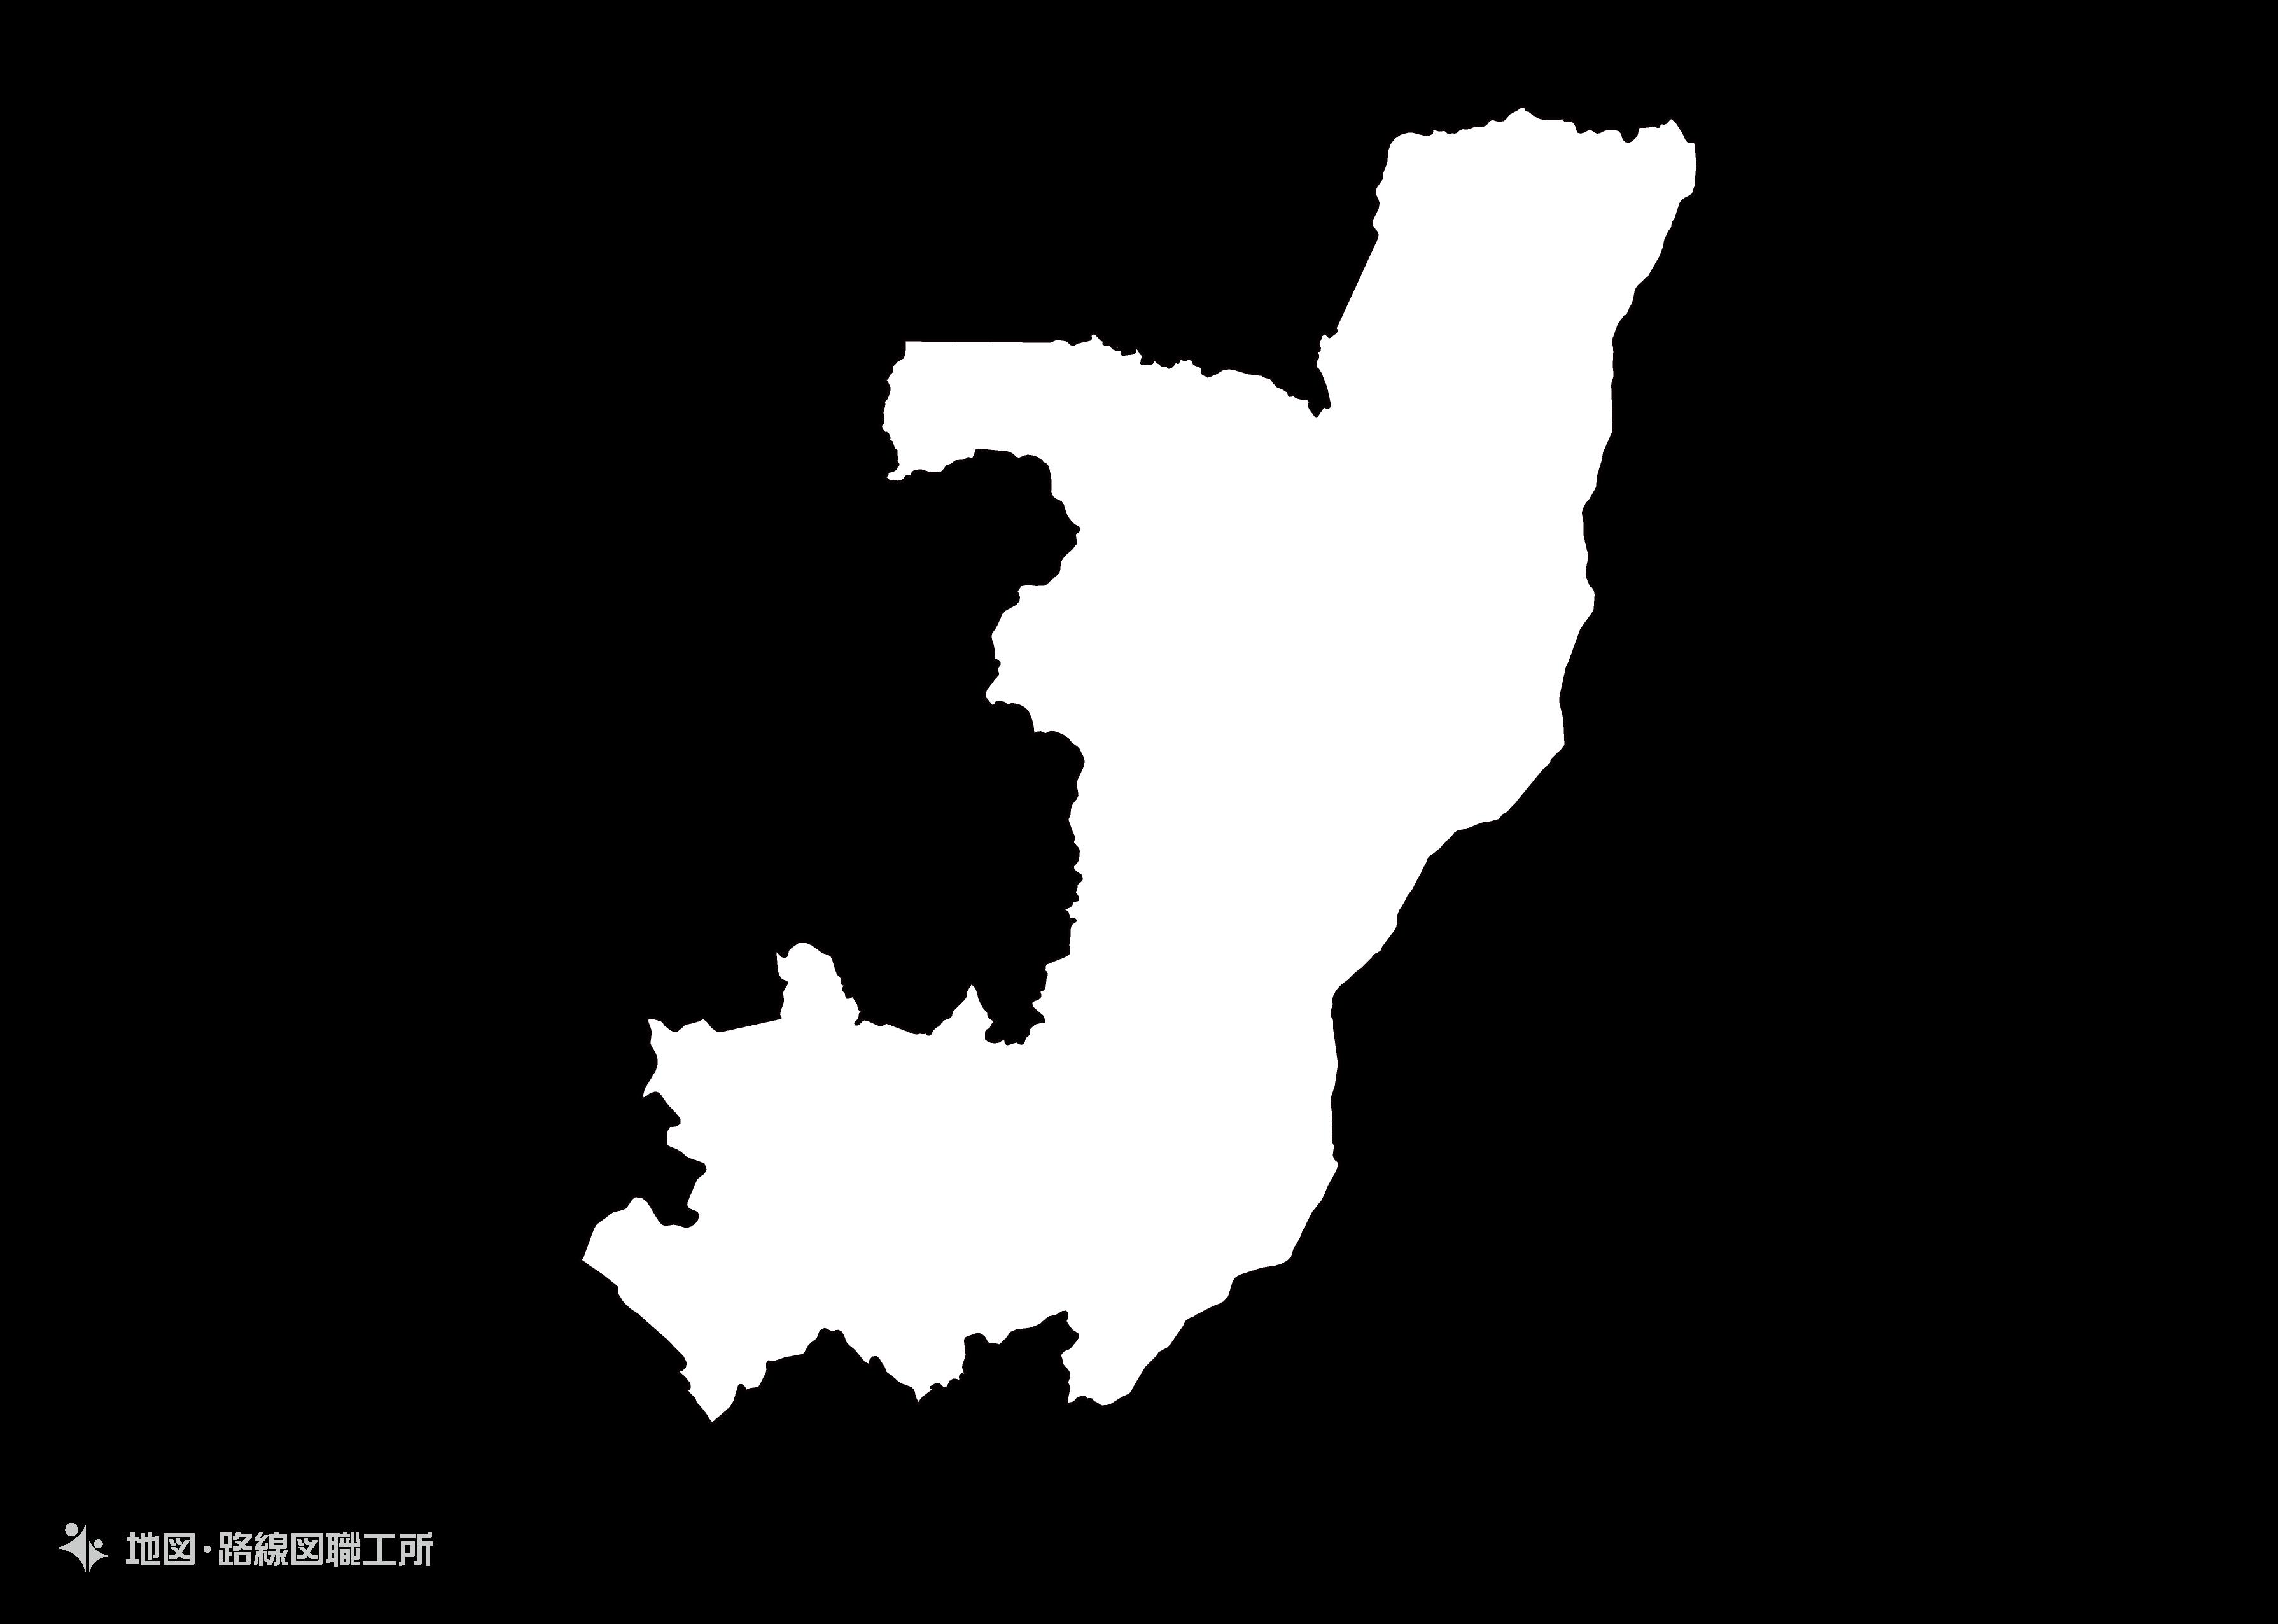 世界の白地図 コンゴ共和国 republic-of-congo map